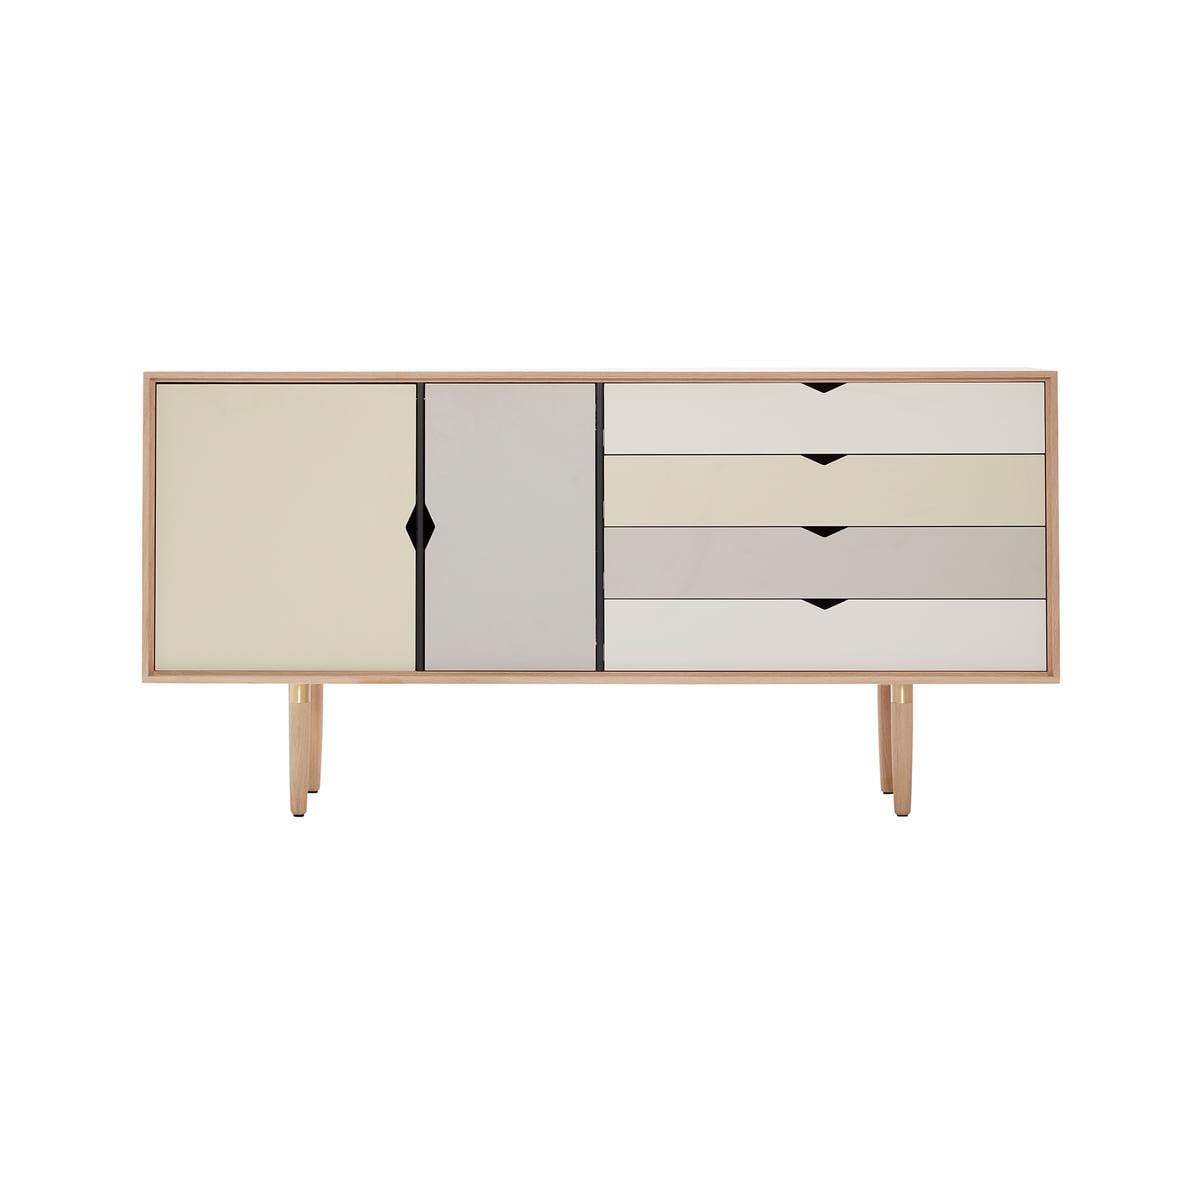 Sideboard Grau s6 sideboard multicoloured andersen furniture